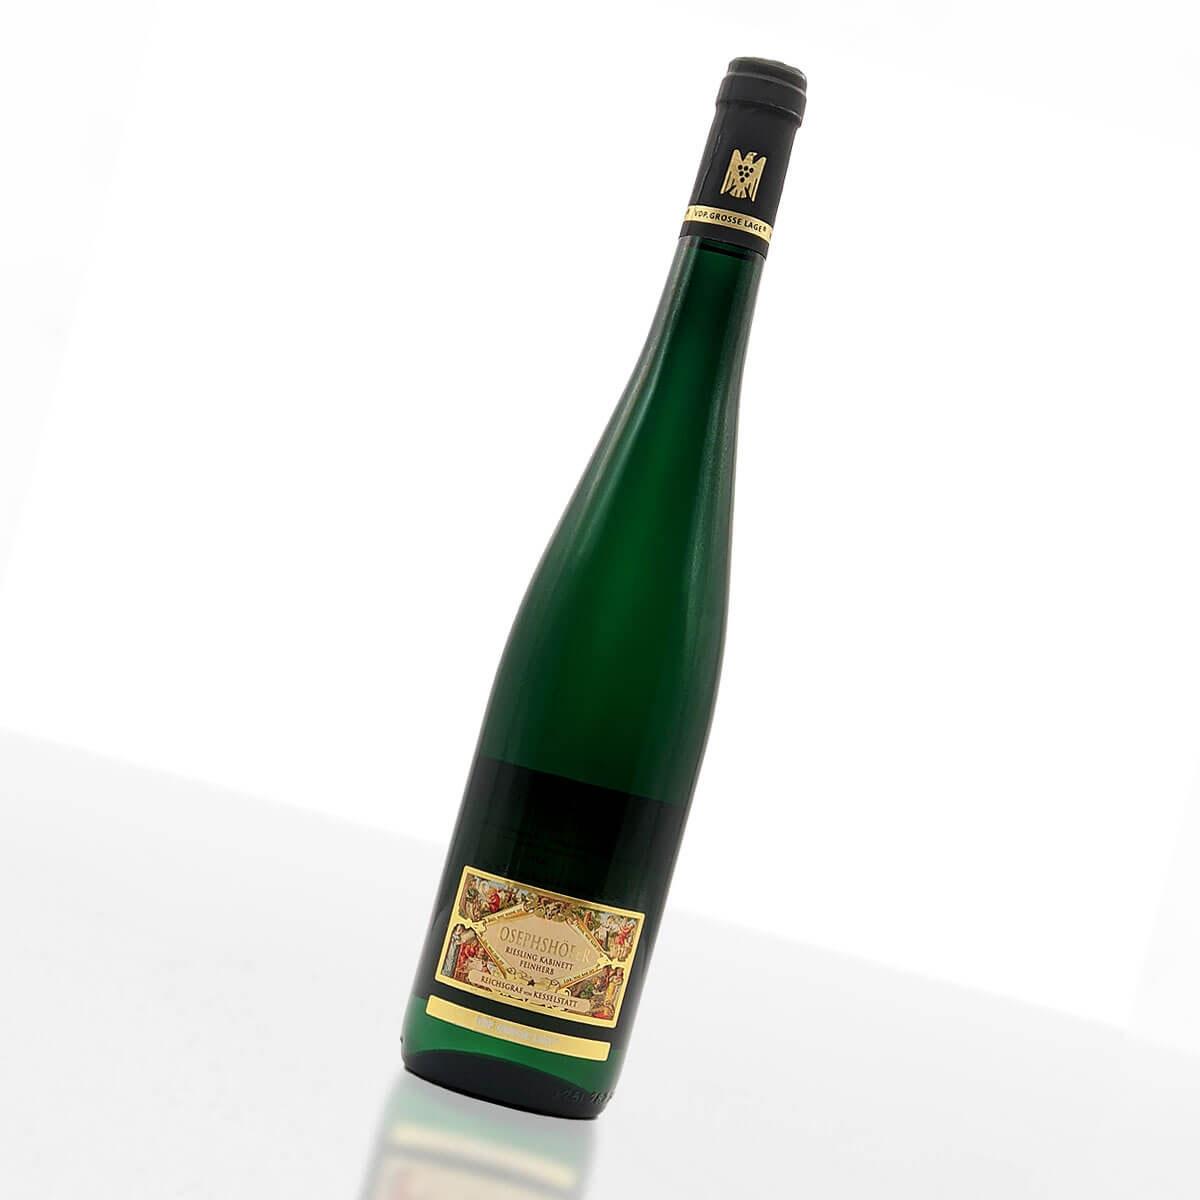 2019er JOSEPHSHÖFER - Monopol Riesling Kabinett feinherb • Weingut Reichsgraf von Kesselstatt